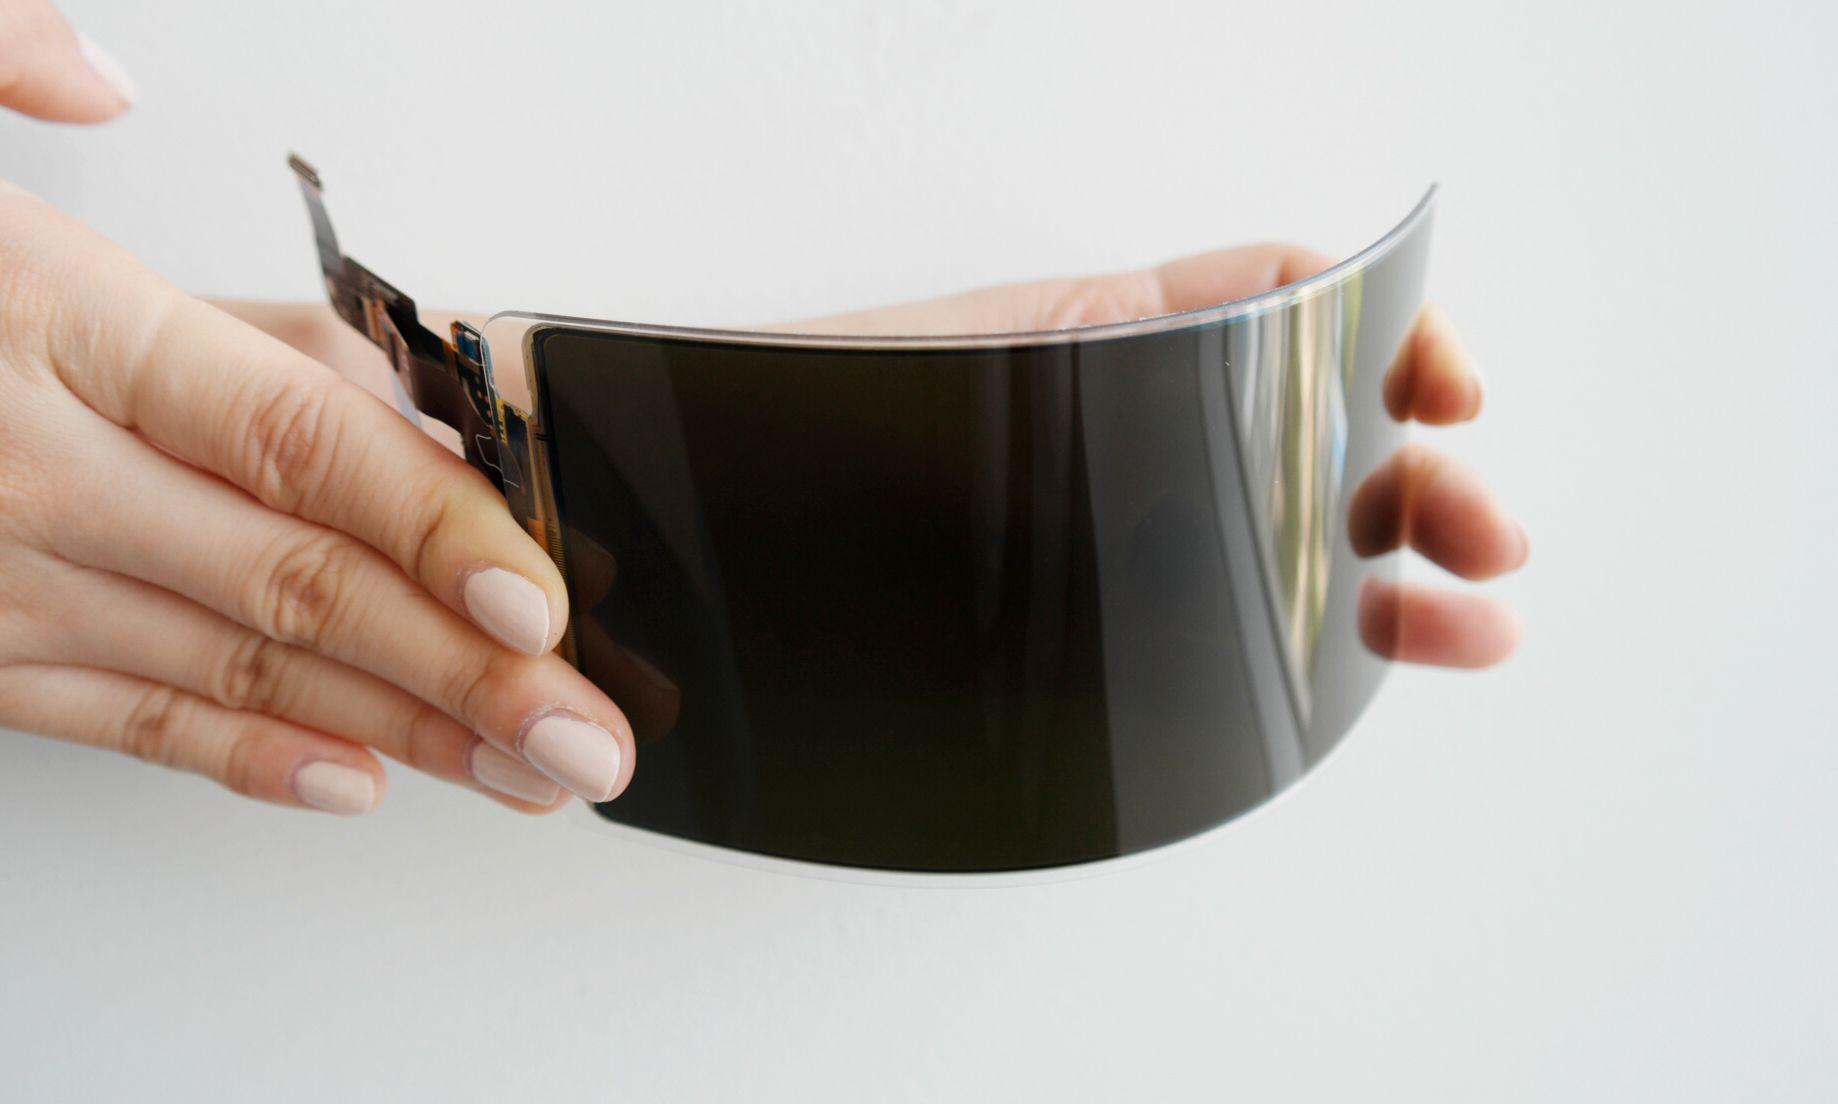 Samsung hevder deres nye OLED-skjerm skal være uknuselig.